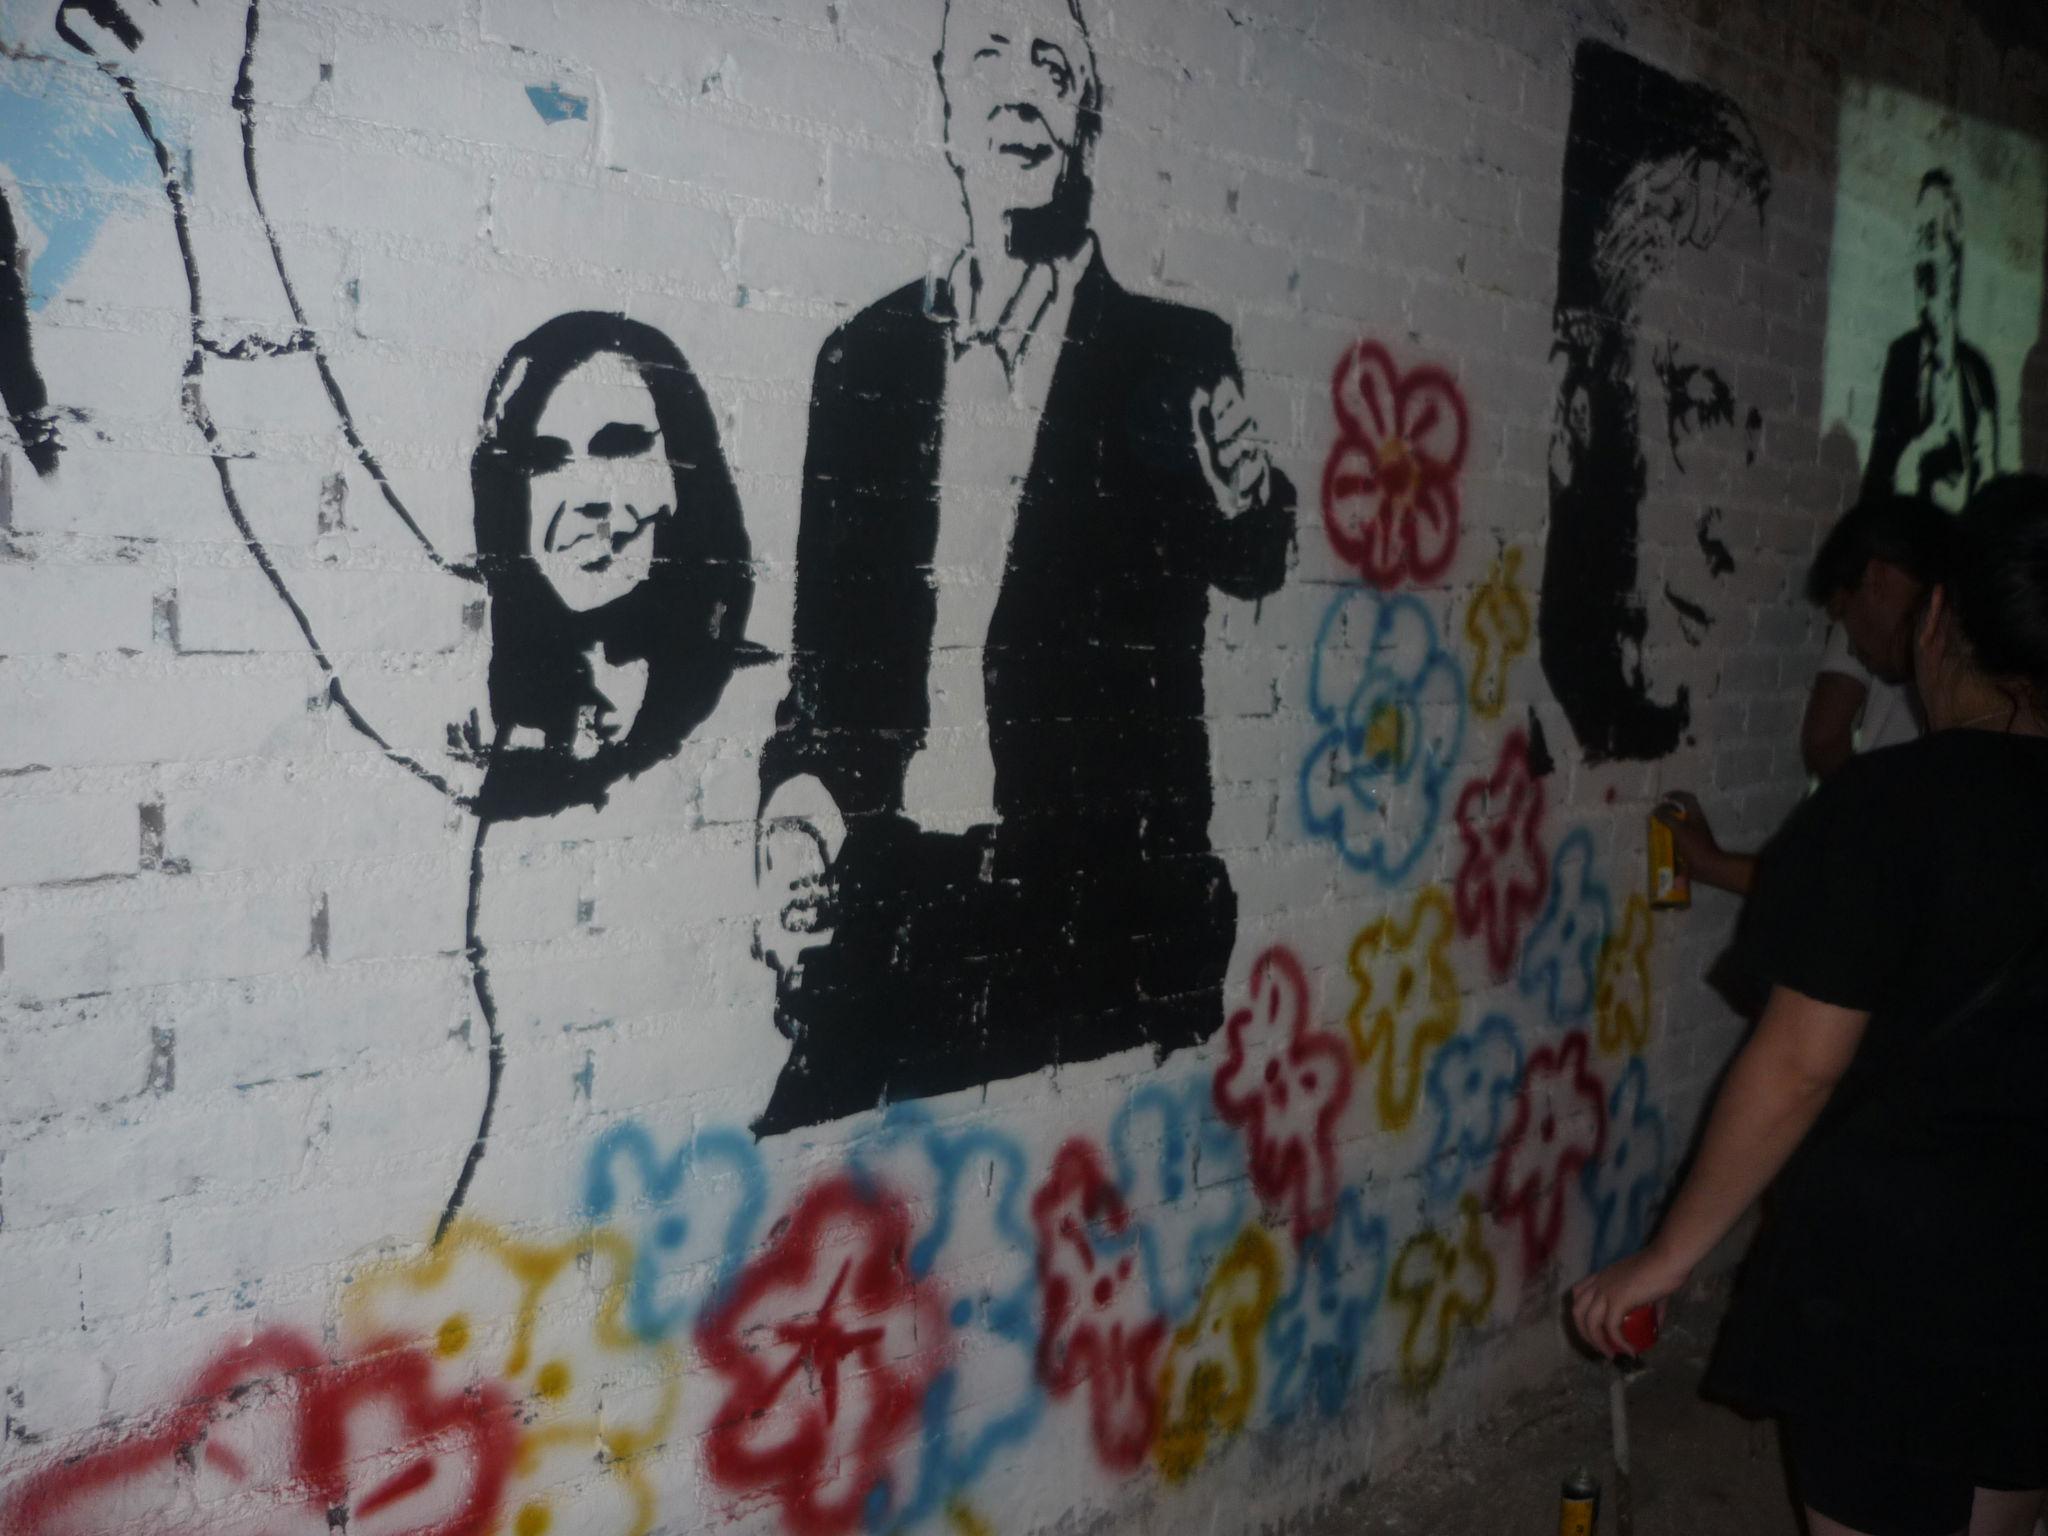 la-rioja-mural-3